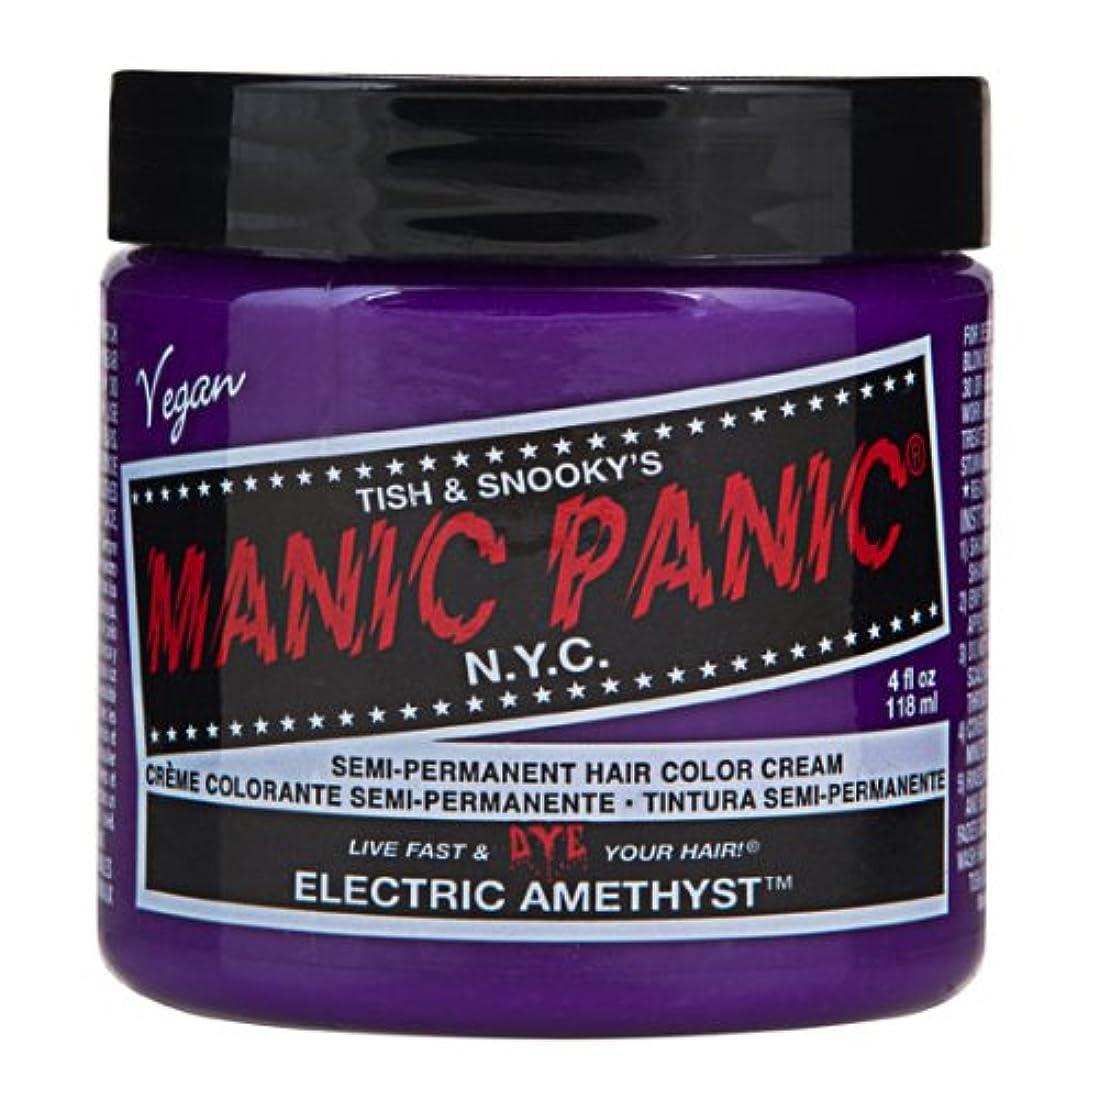 構成する常に忠実マニックパニック MANIC PANIC ヘアカラー 118mlエレクトリックアメジスト ヘアーカラー